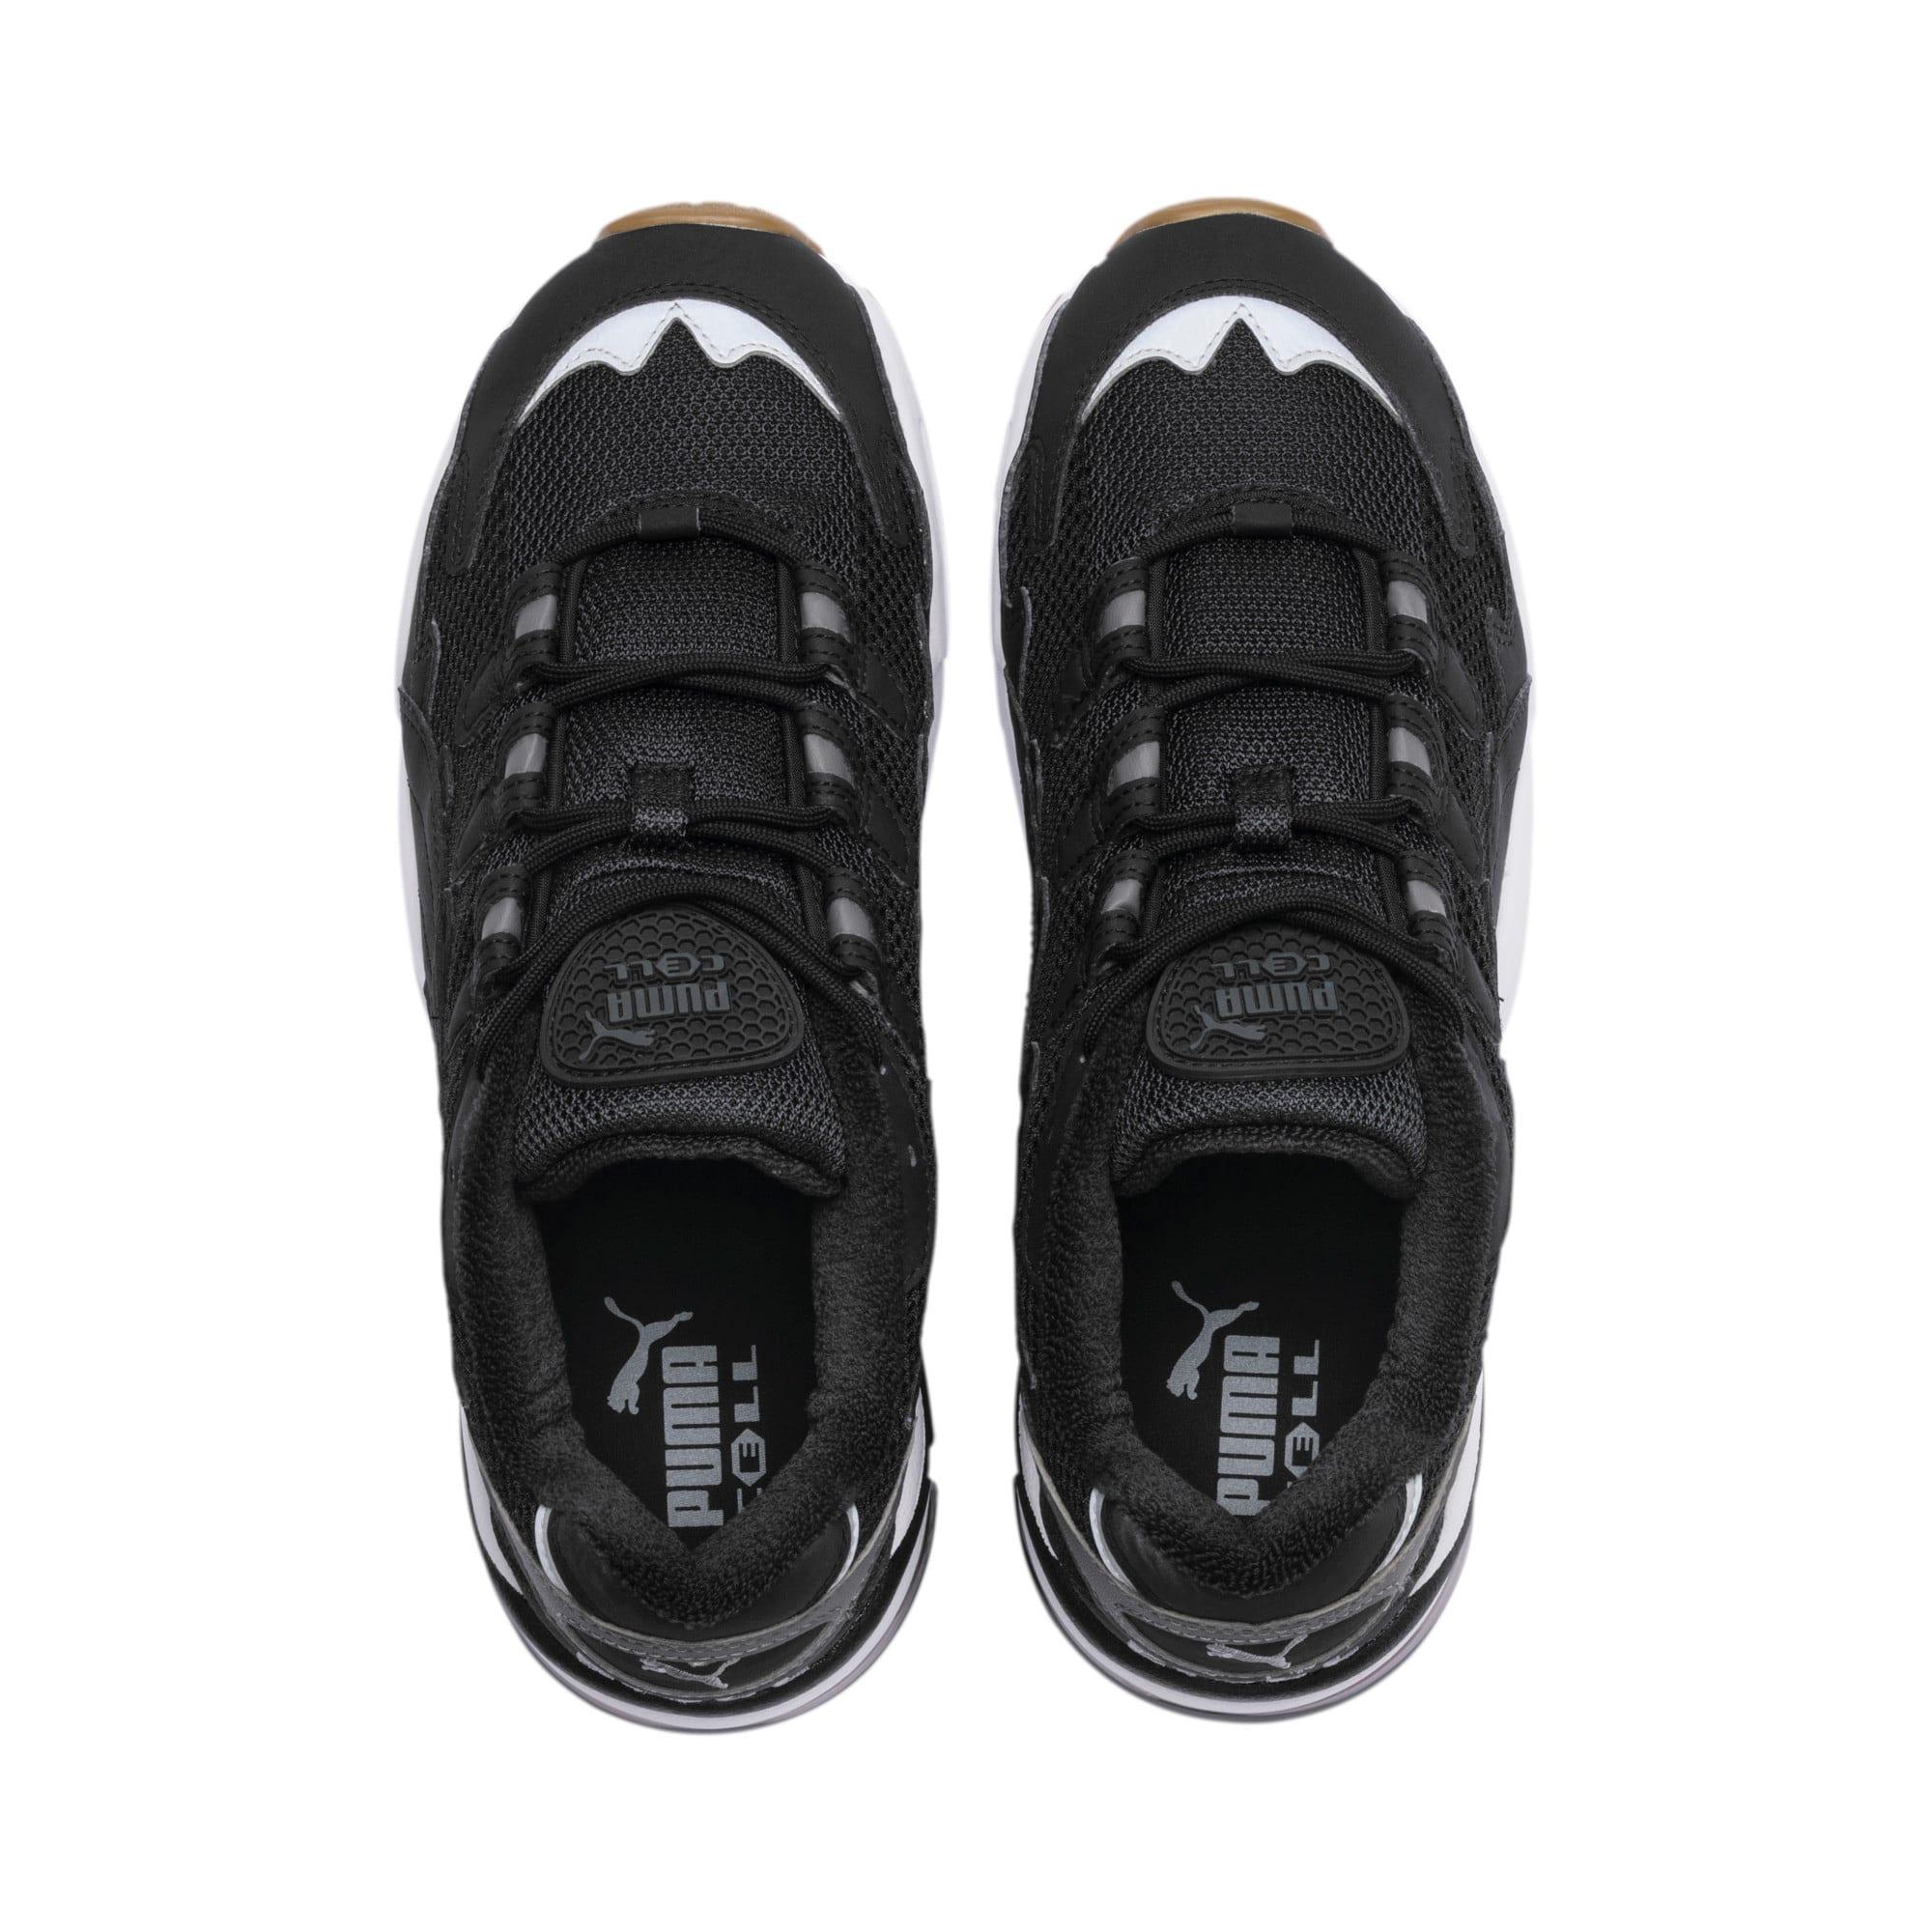 Thumbnail 6 of CELL Alien OG Sneaker, Puma Black-Gum, medium